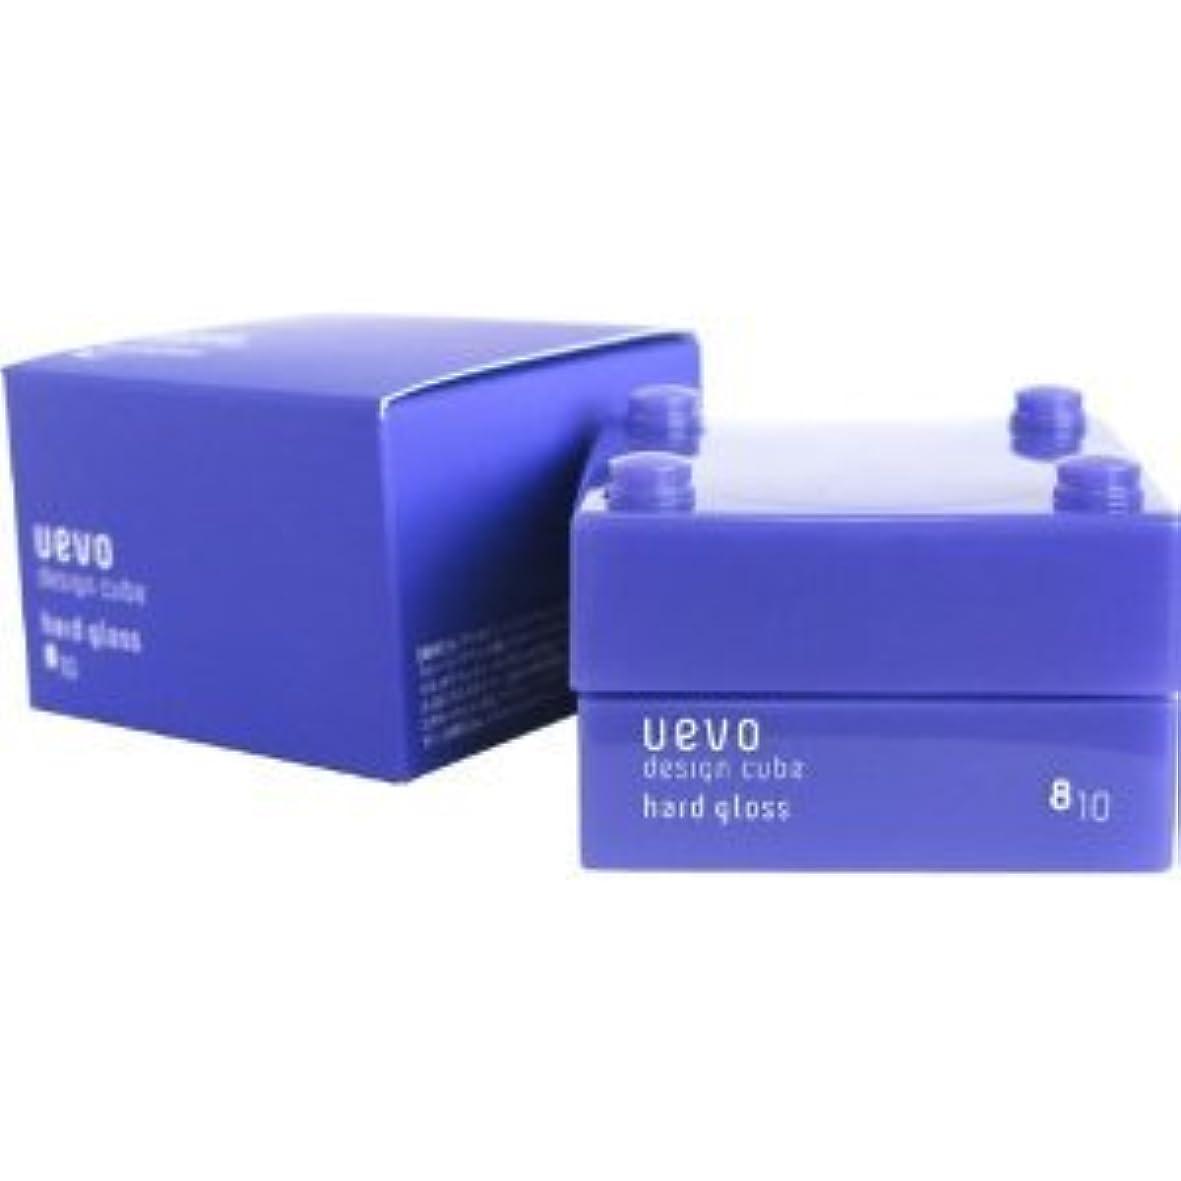 計算可能抹消熱【X3個セット】 デミ ウェーボ デザインキューブ ハードグロス 30g hard gloss DEMI uevo design cube